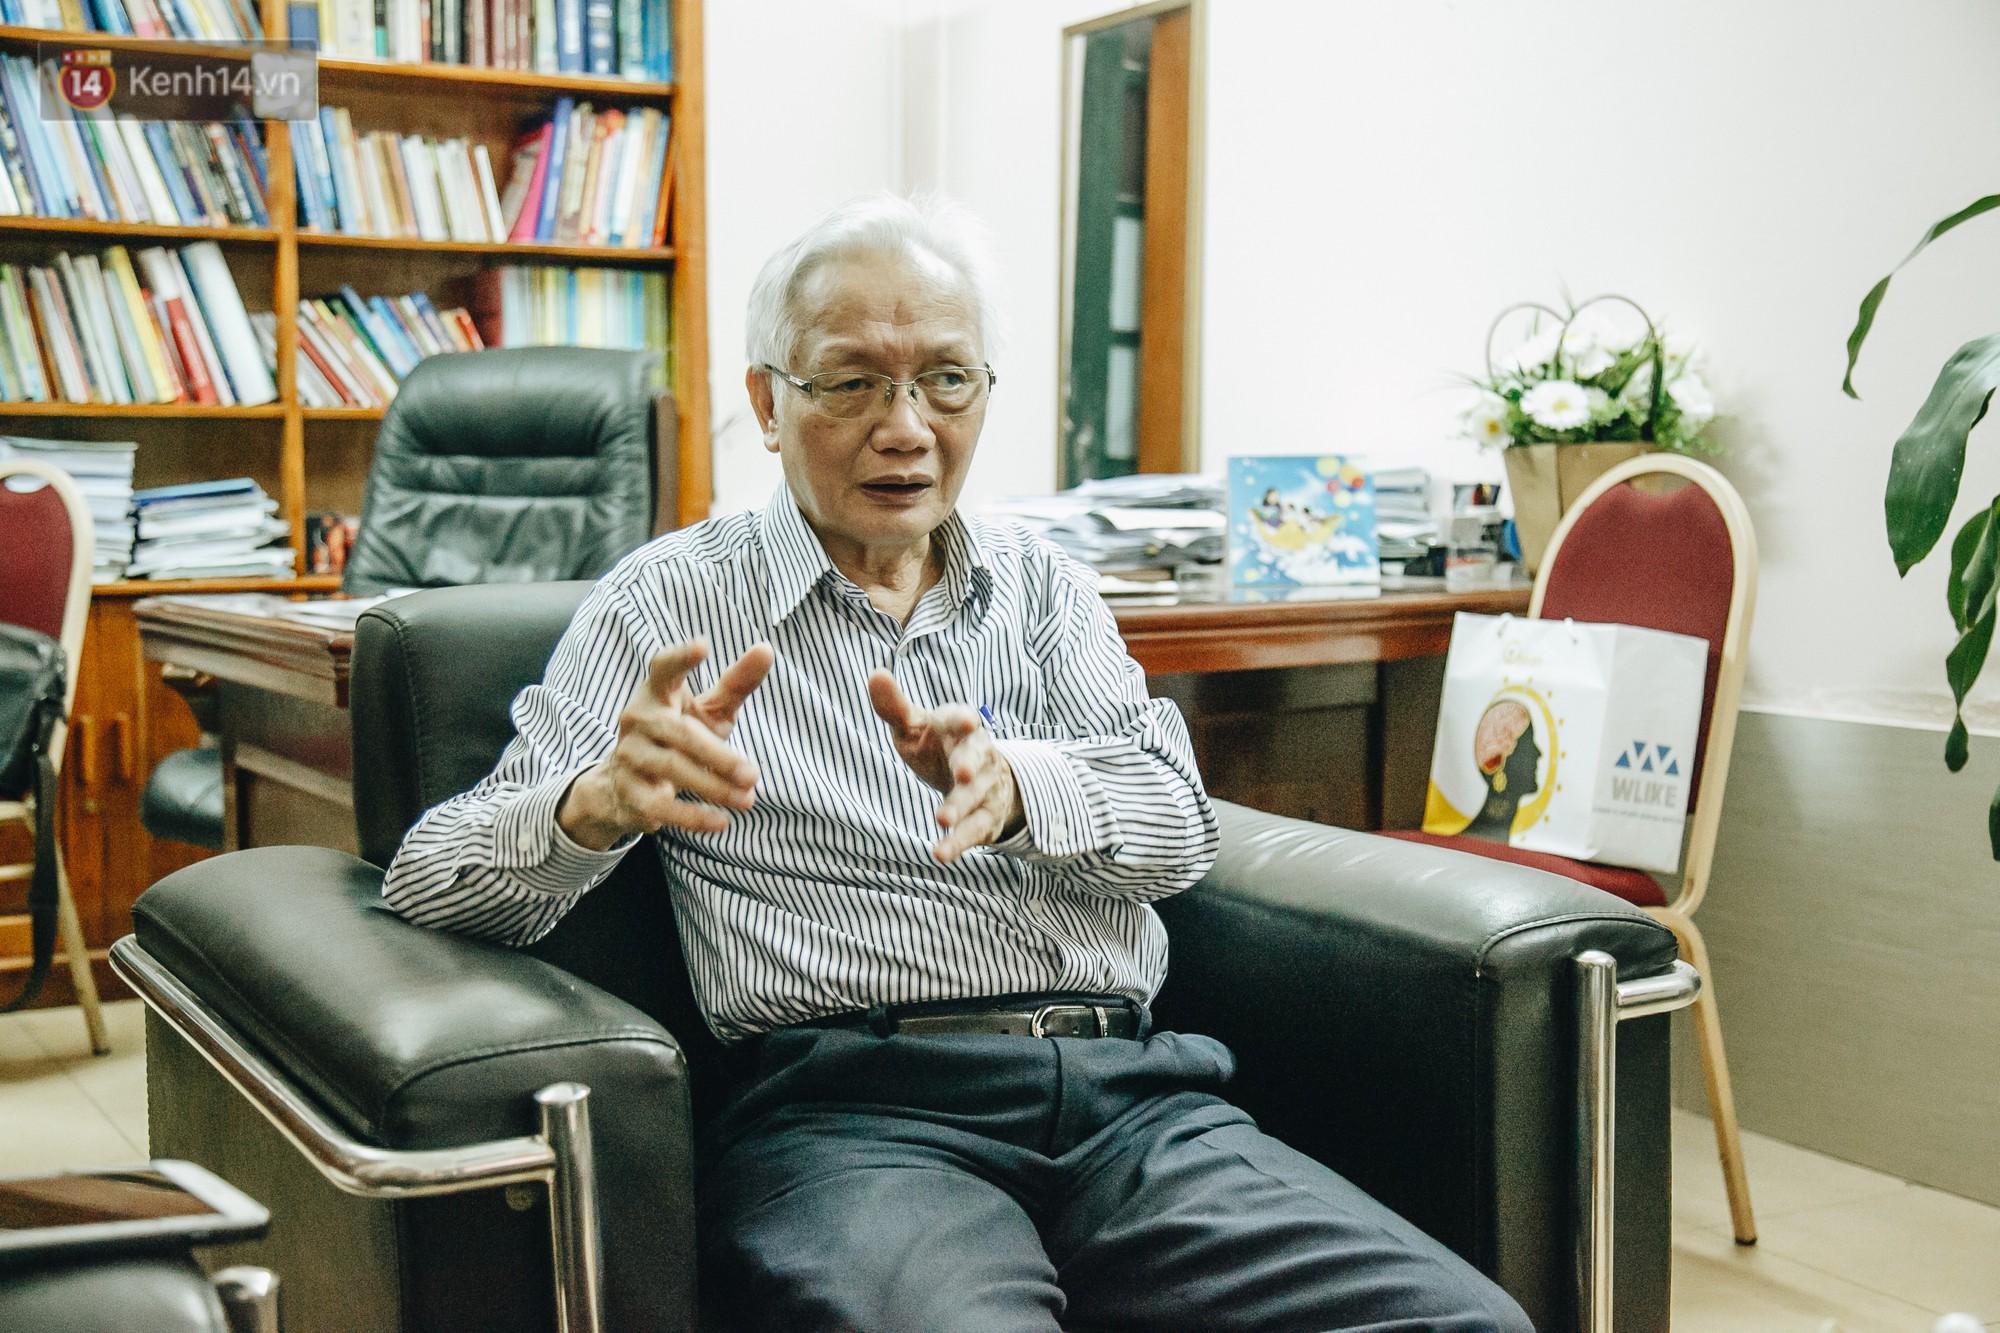 Chủ tịch Hội tâm lý Giáo dục Hà Nội nói về 2 vụ tát học sinh: Việc xin lỗi học trò sẽ làm nhân cách của thầy cô lớn hơn chứ không thấp đi - Ảnh 4.